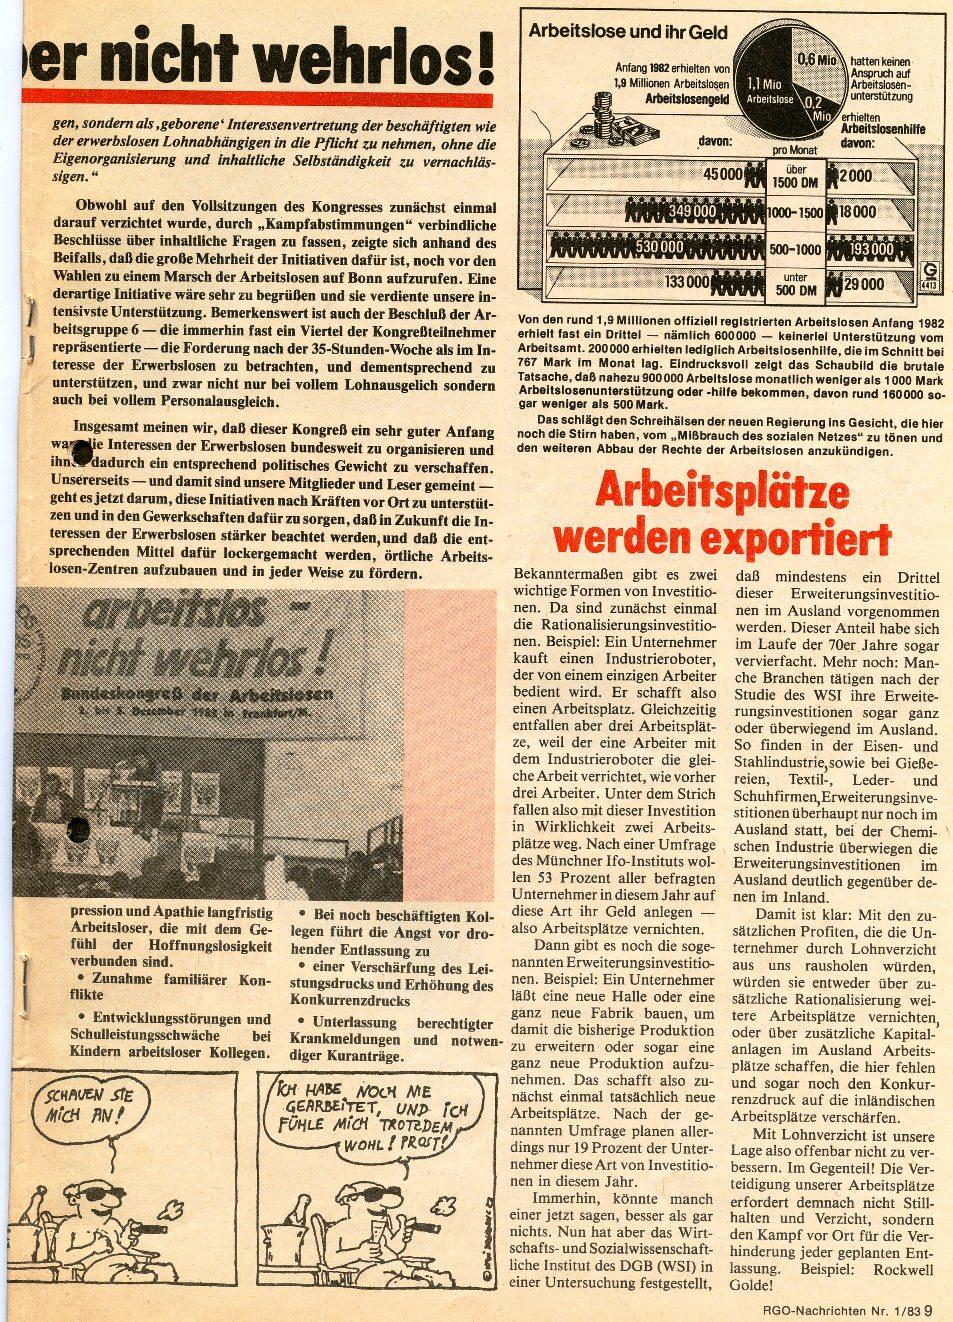 RGO_RGO_Nachrichten_1983_01_09